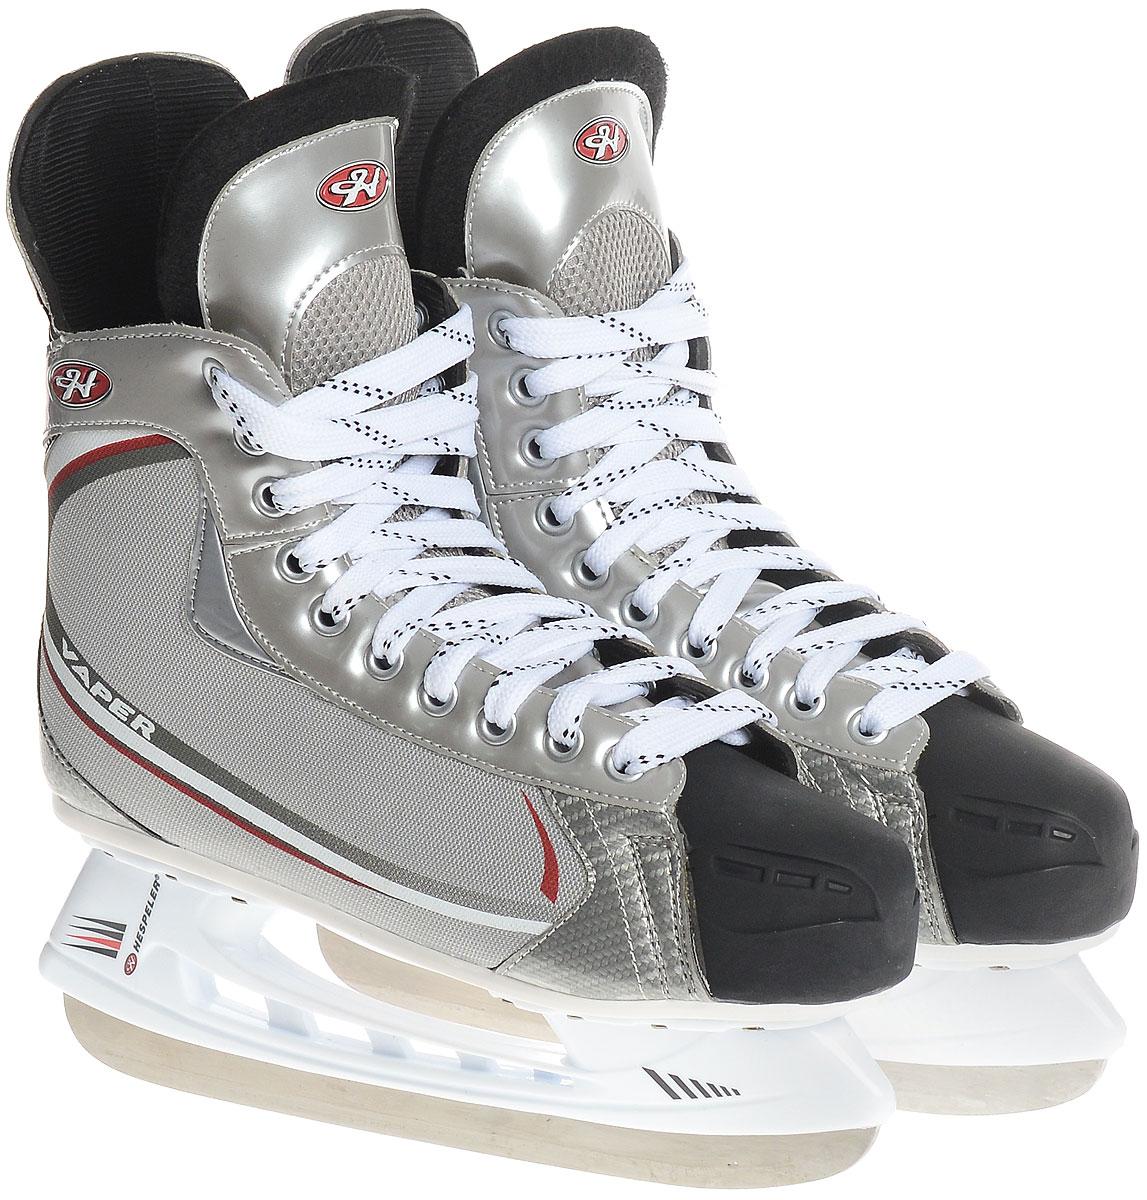 Коньки хоккейные мужские Hespeler Vaper, цвет: серый, белый, красный. Размер 41Vaper_серый, белый, красный_41Спортивные, облегченные хоккейные коньки с ударопрочной защитной конструкцией от Hespeler Vaper предназначены для соревнований и тренировок. Ботинки изготовлены из комбинации текстиля и морозостойкого полиуретана, который защитит ноги от ударов. Выполненные по всем необходимым стандартам, они имеют традиционную шнуровку с высоким задником и язычком, плотно обхватывающими ногу. Внутренняя часть и стелька выполнены из текстиля, а язычок - из войлока, который обеспечит тепло и комфорт во время катания. Прочные композитные вставки на носах выдержат даже сильные удары о бортик. Голеностоп имеет удобный суппорт. Изделие по бокам и на язычке декорировано оригинальным принтом и тиснением в виде логотипа бренда. Подошва - из твердого пластика. Лезвие изготовлено из стали со специальным покрытием, придающим дополнительную прочность. Стильные коньки придутся вам по душе.